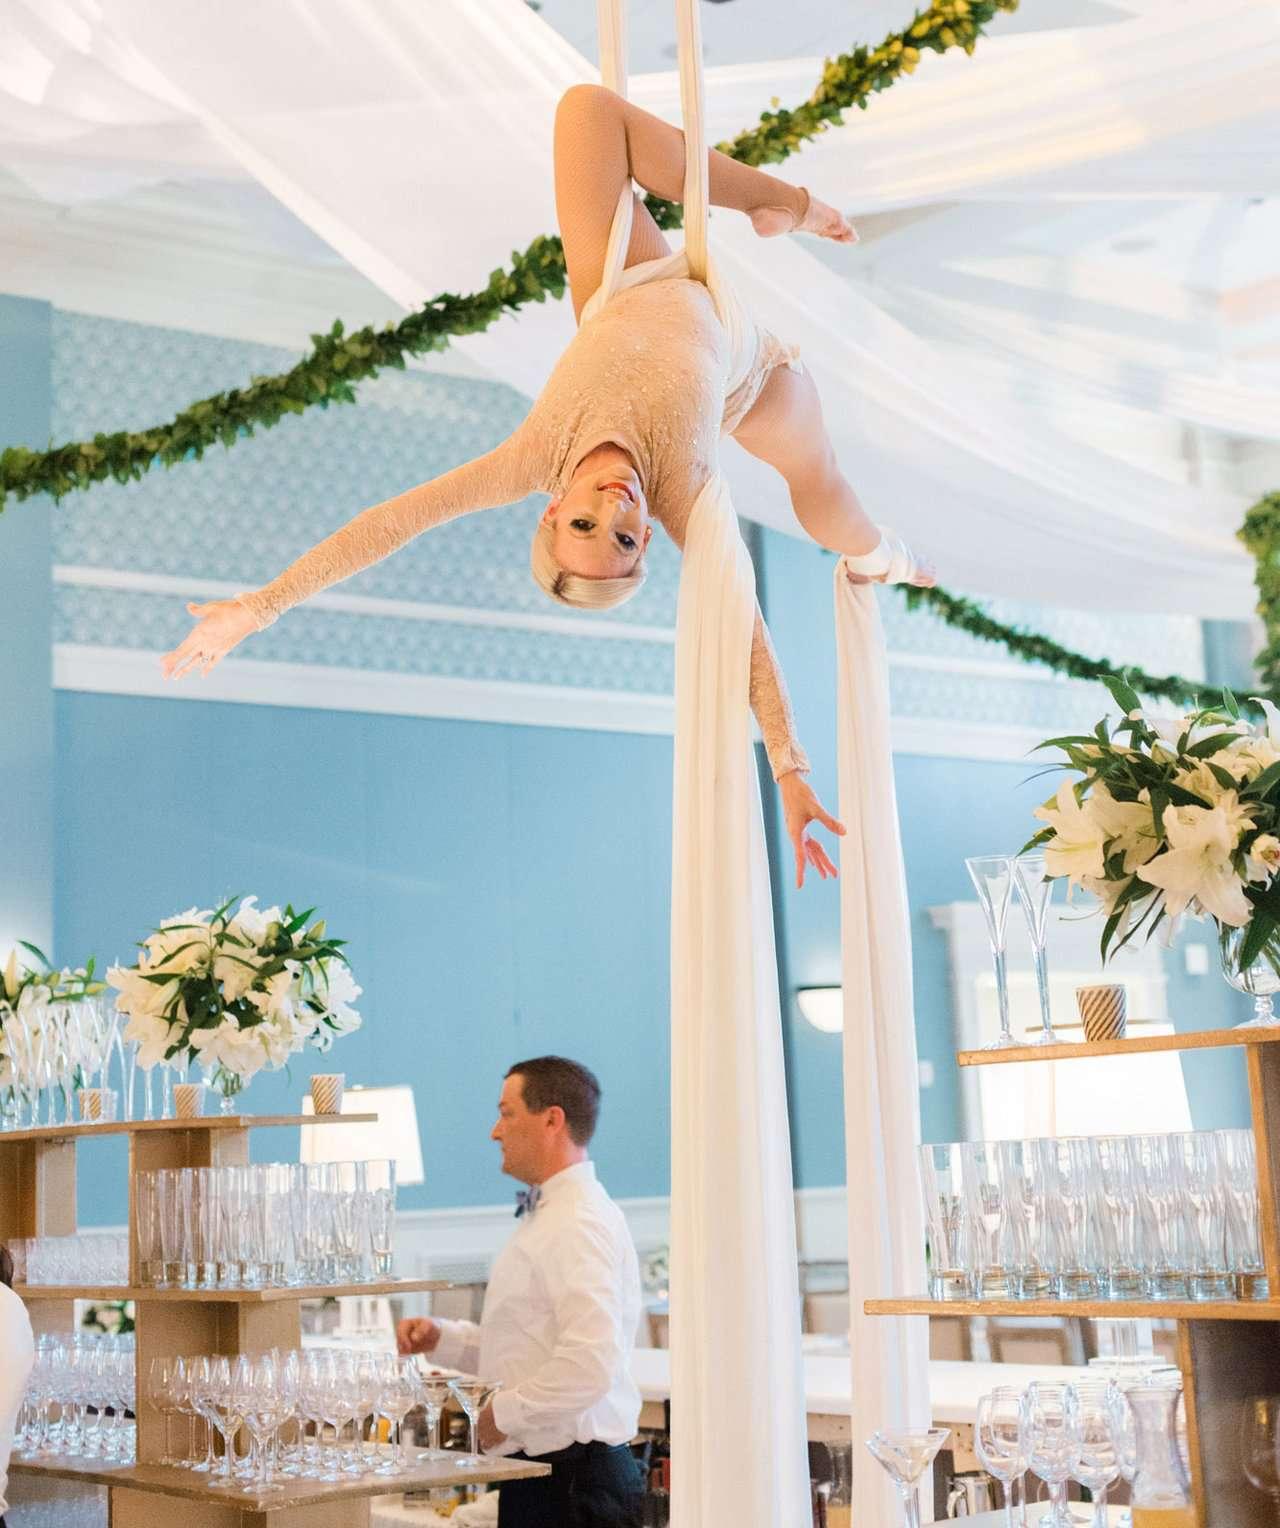 wedding entertainment aerialist